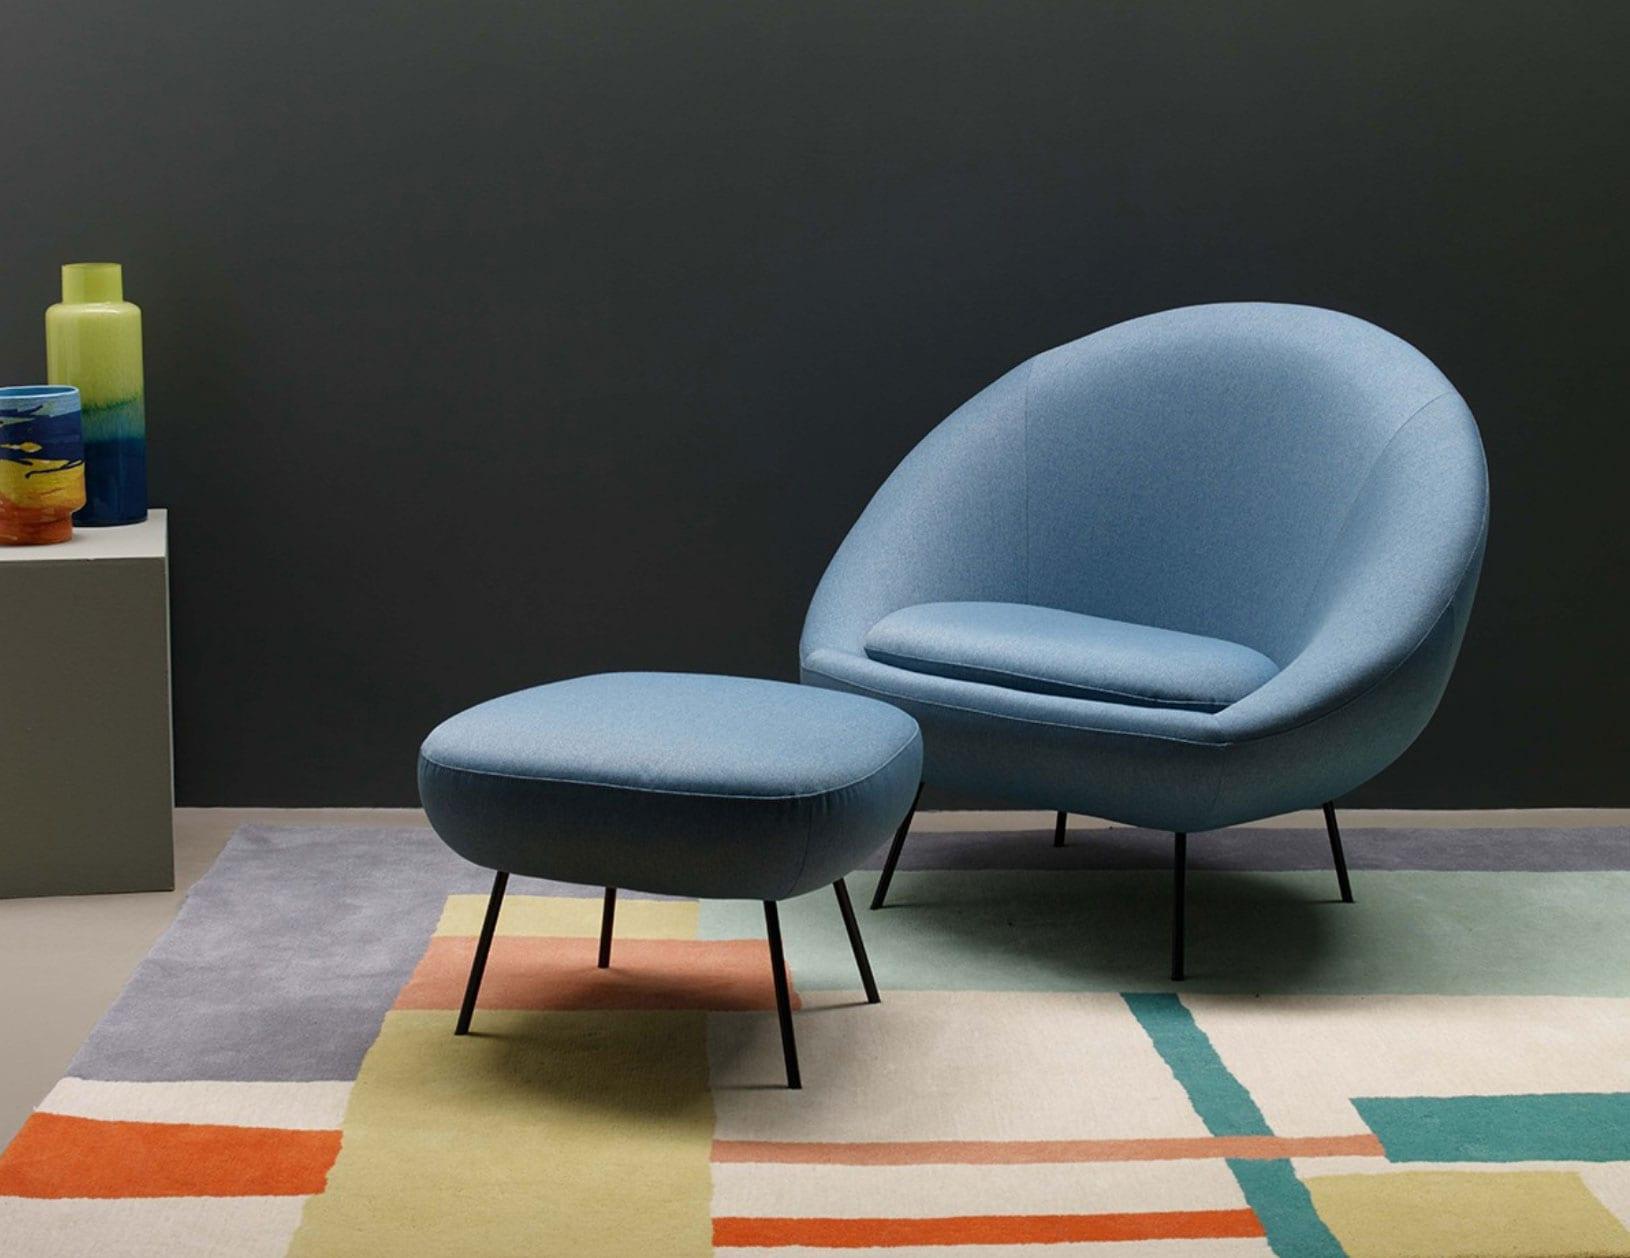 metal leg chair